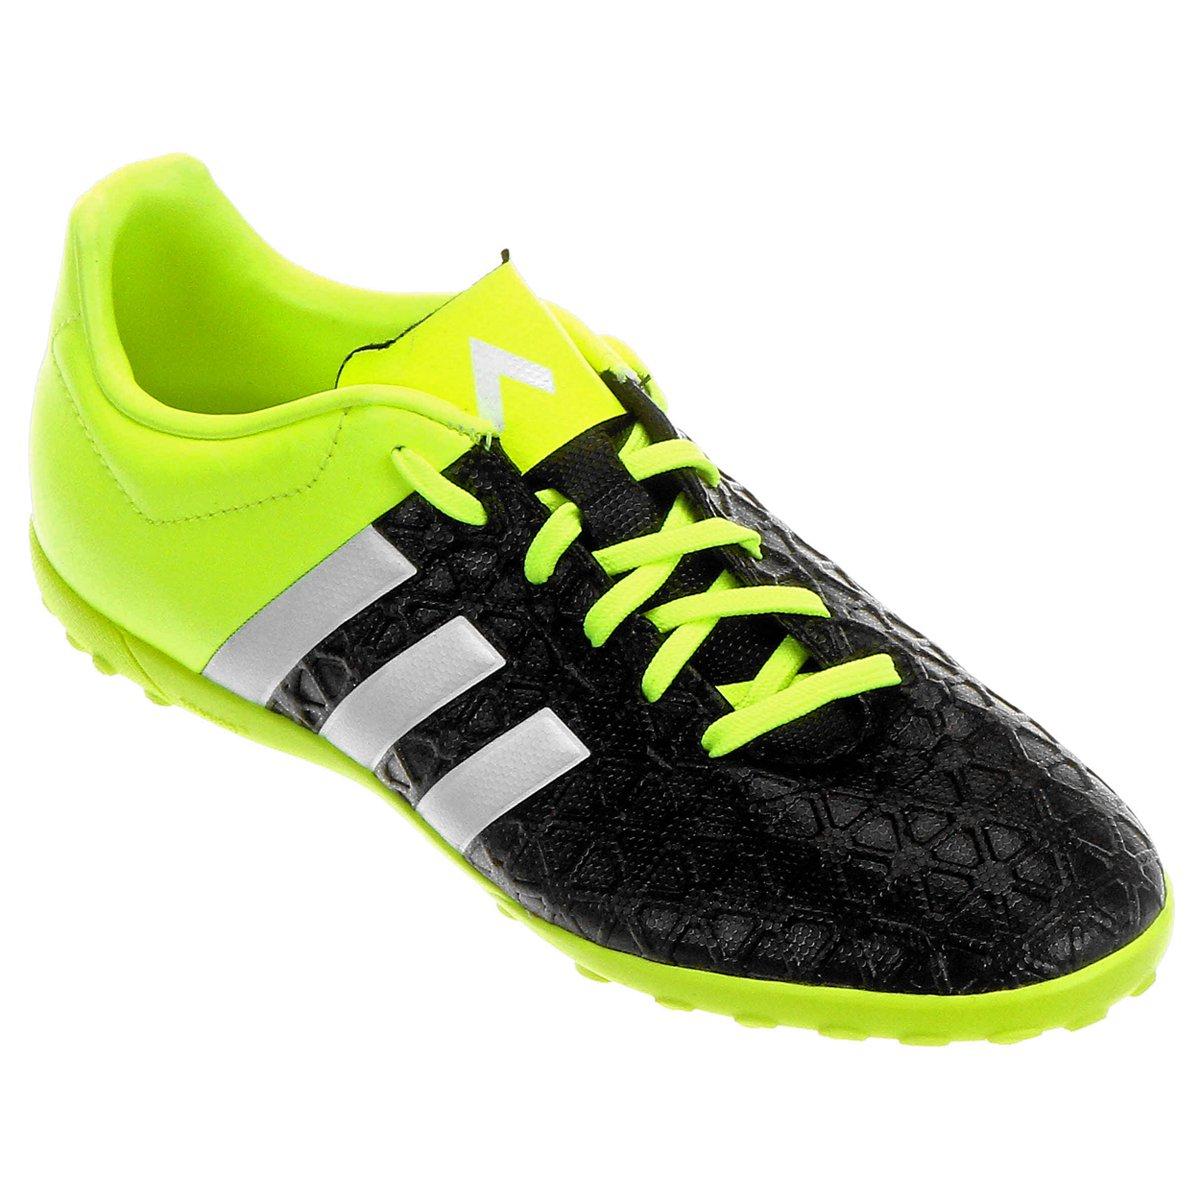 e6deaec380 Chuteira Adidas Ace 15.4 TF Society Juvenil - Compre Agora